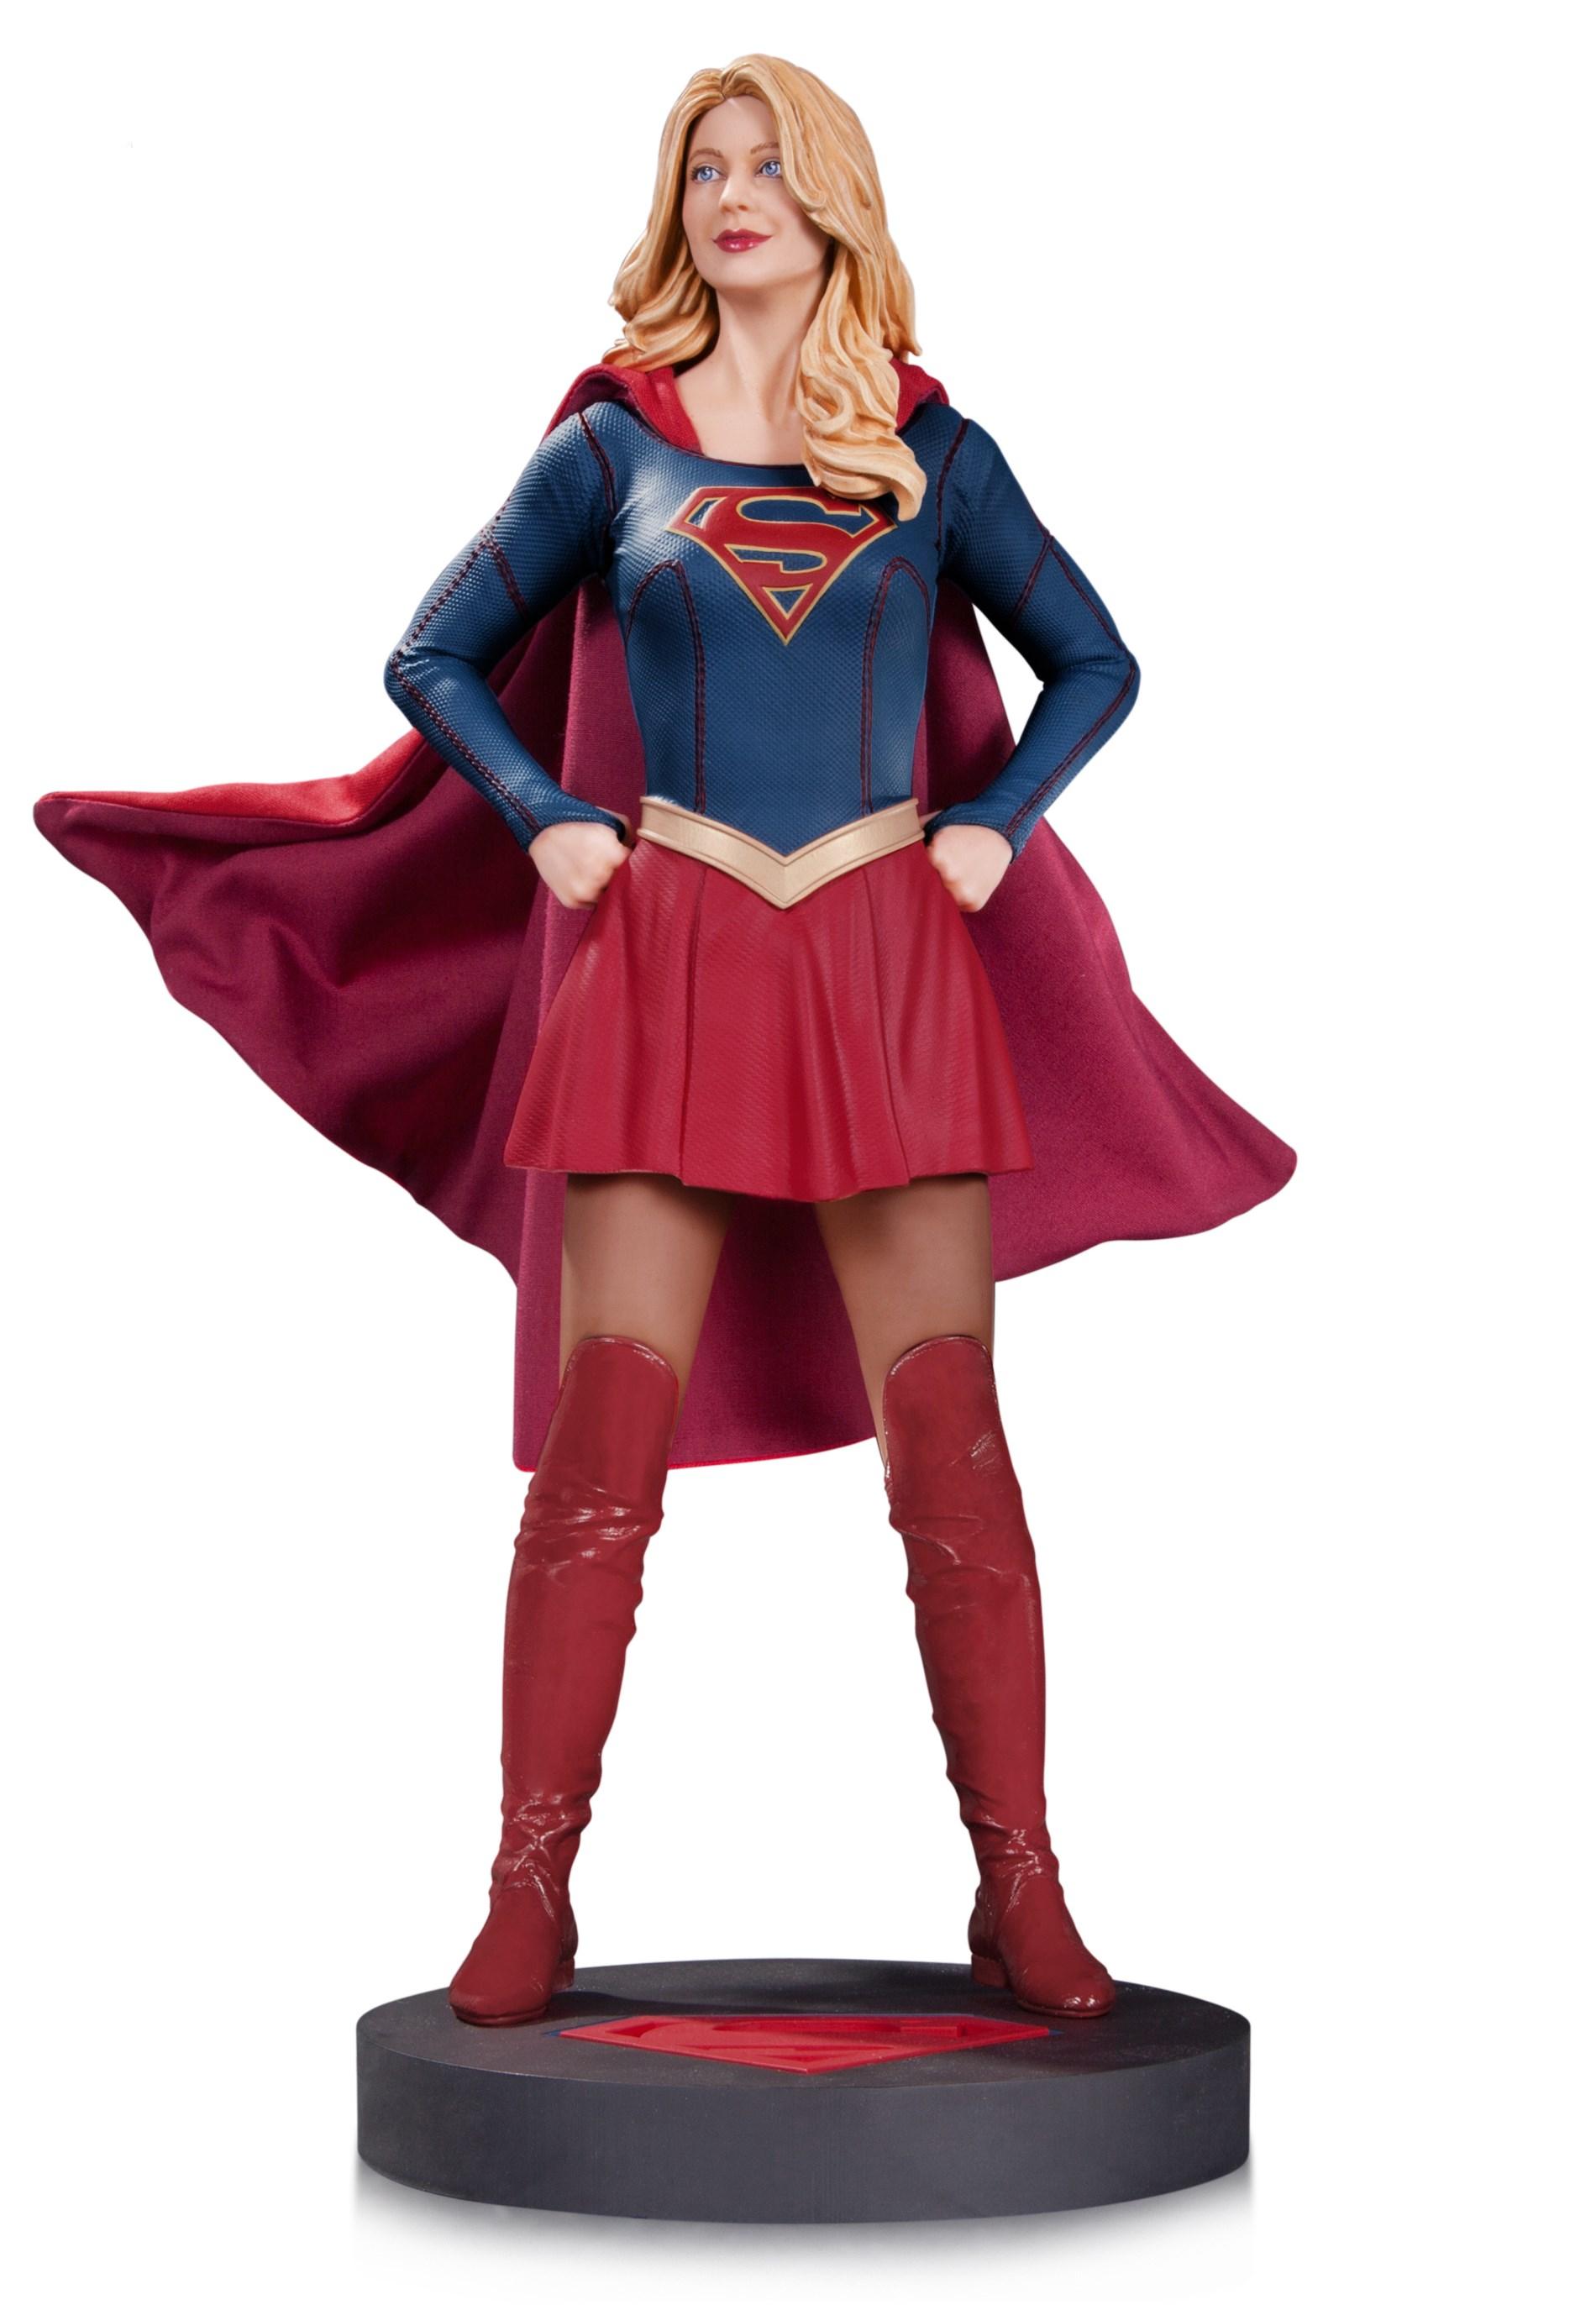 Supergirl TV Statue 2016